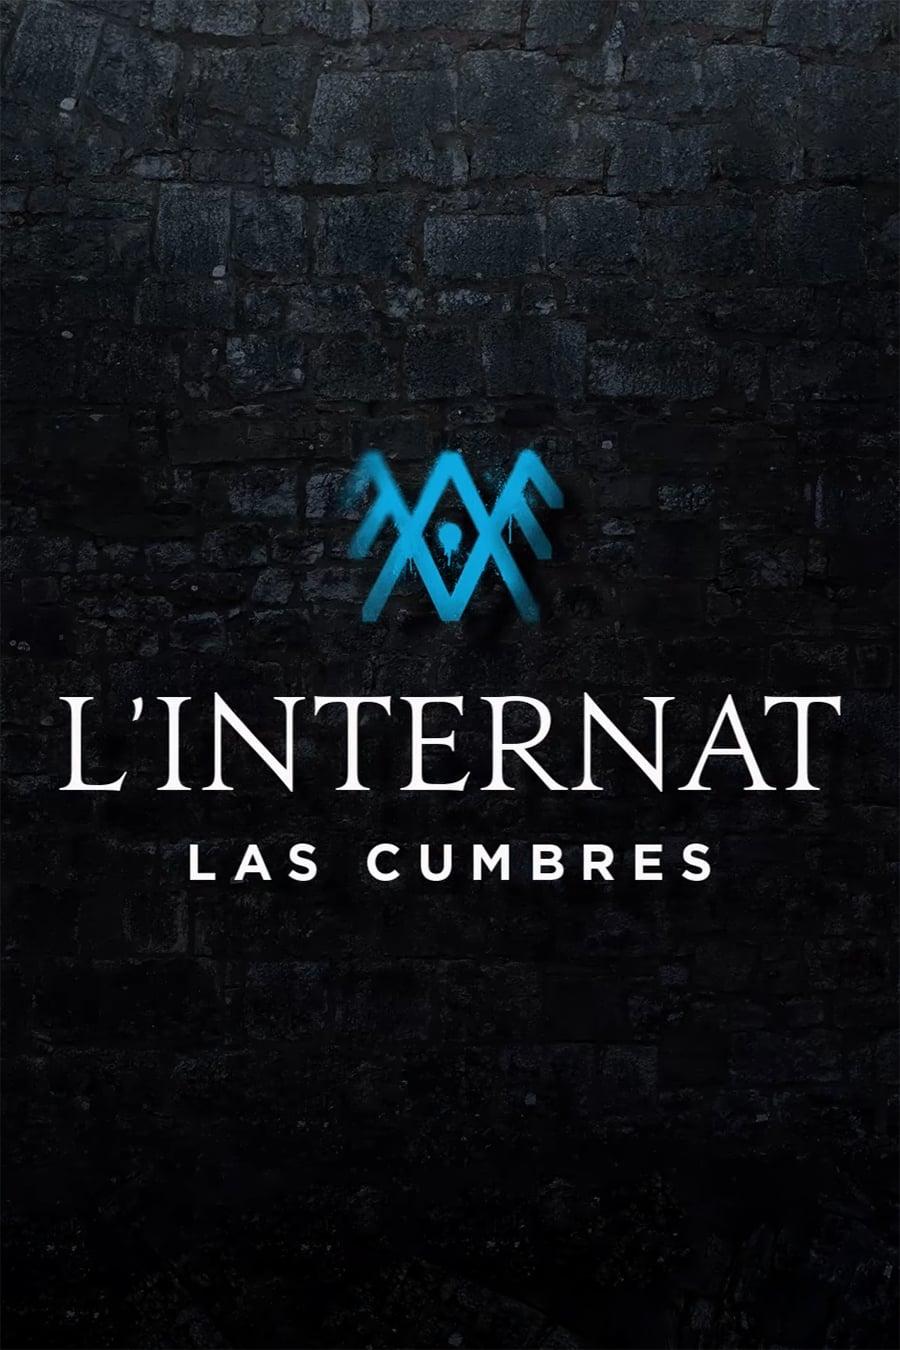 L'Internat : Las Cumbres series tv complet